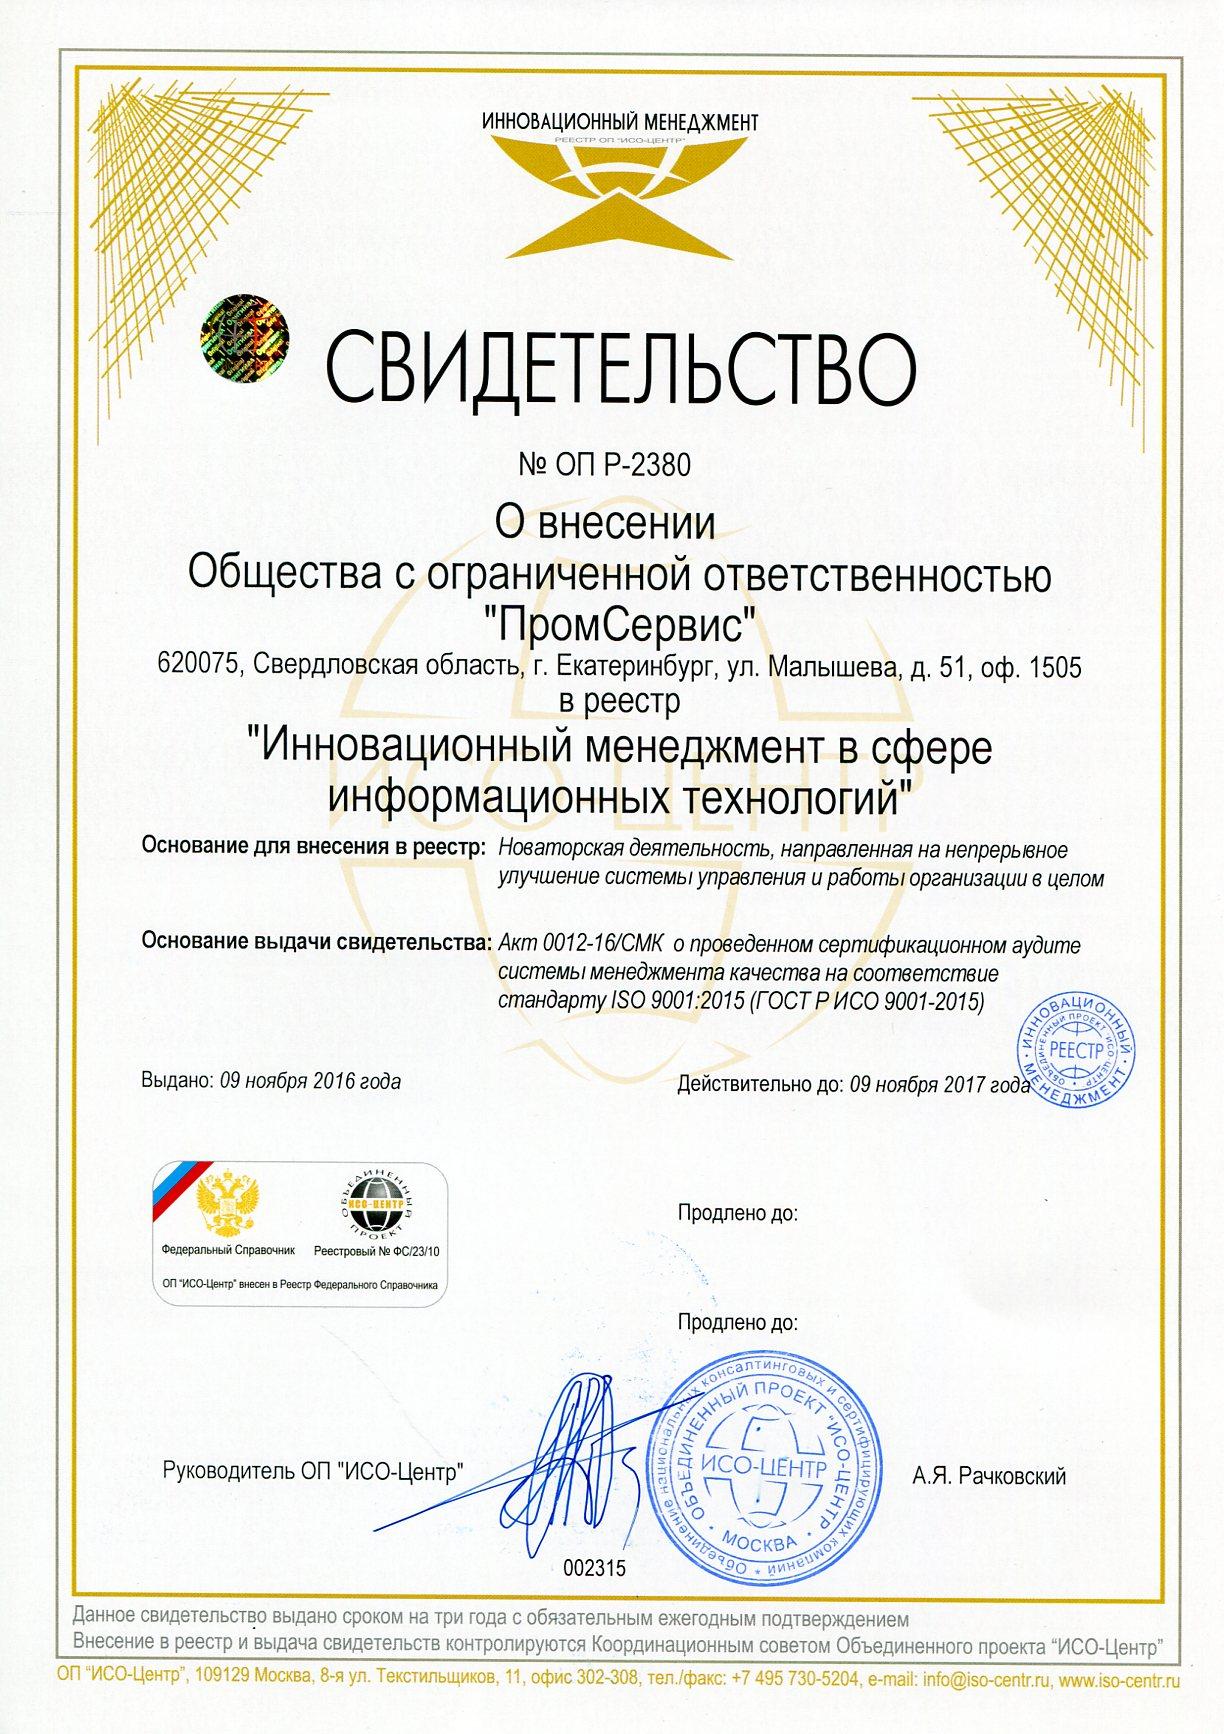 Свидетельство о внесении ООО «ПромСервис» в реестр